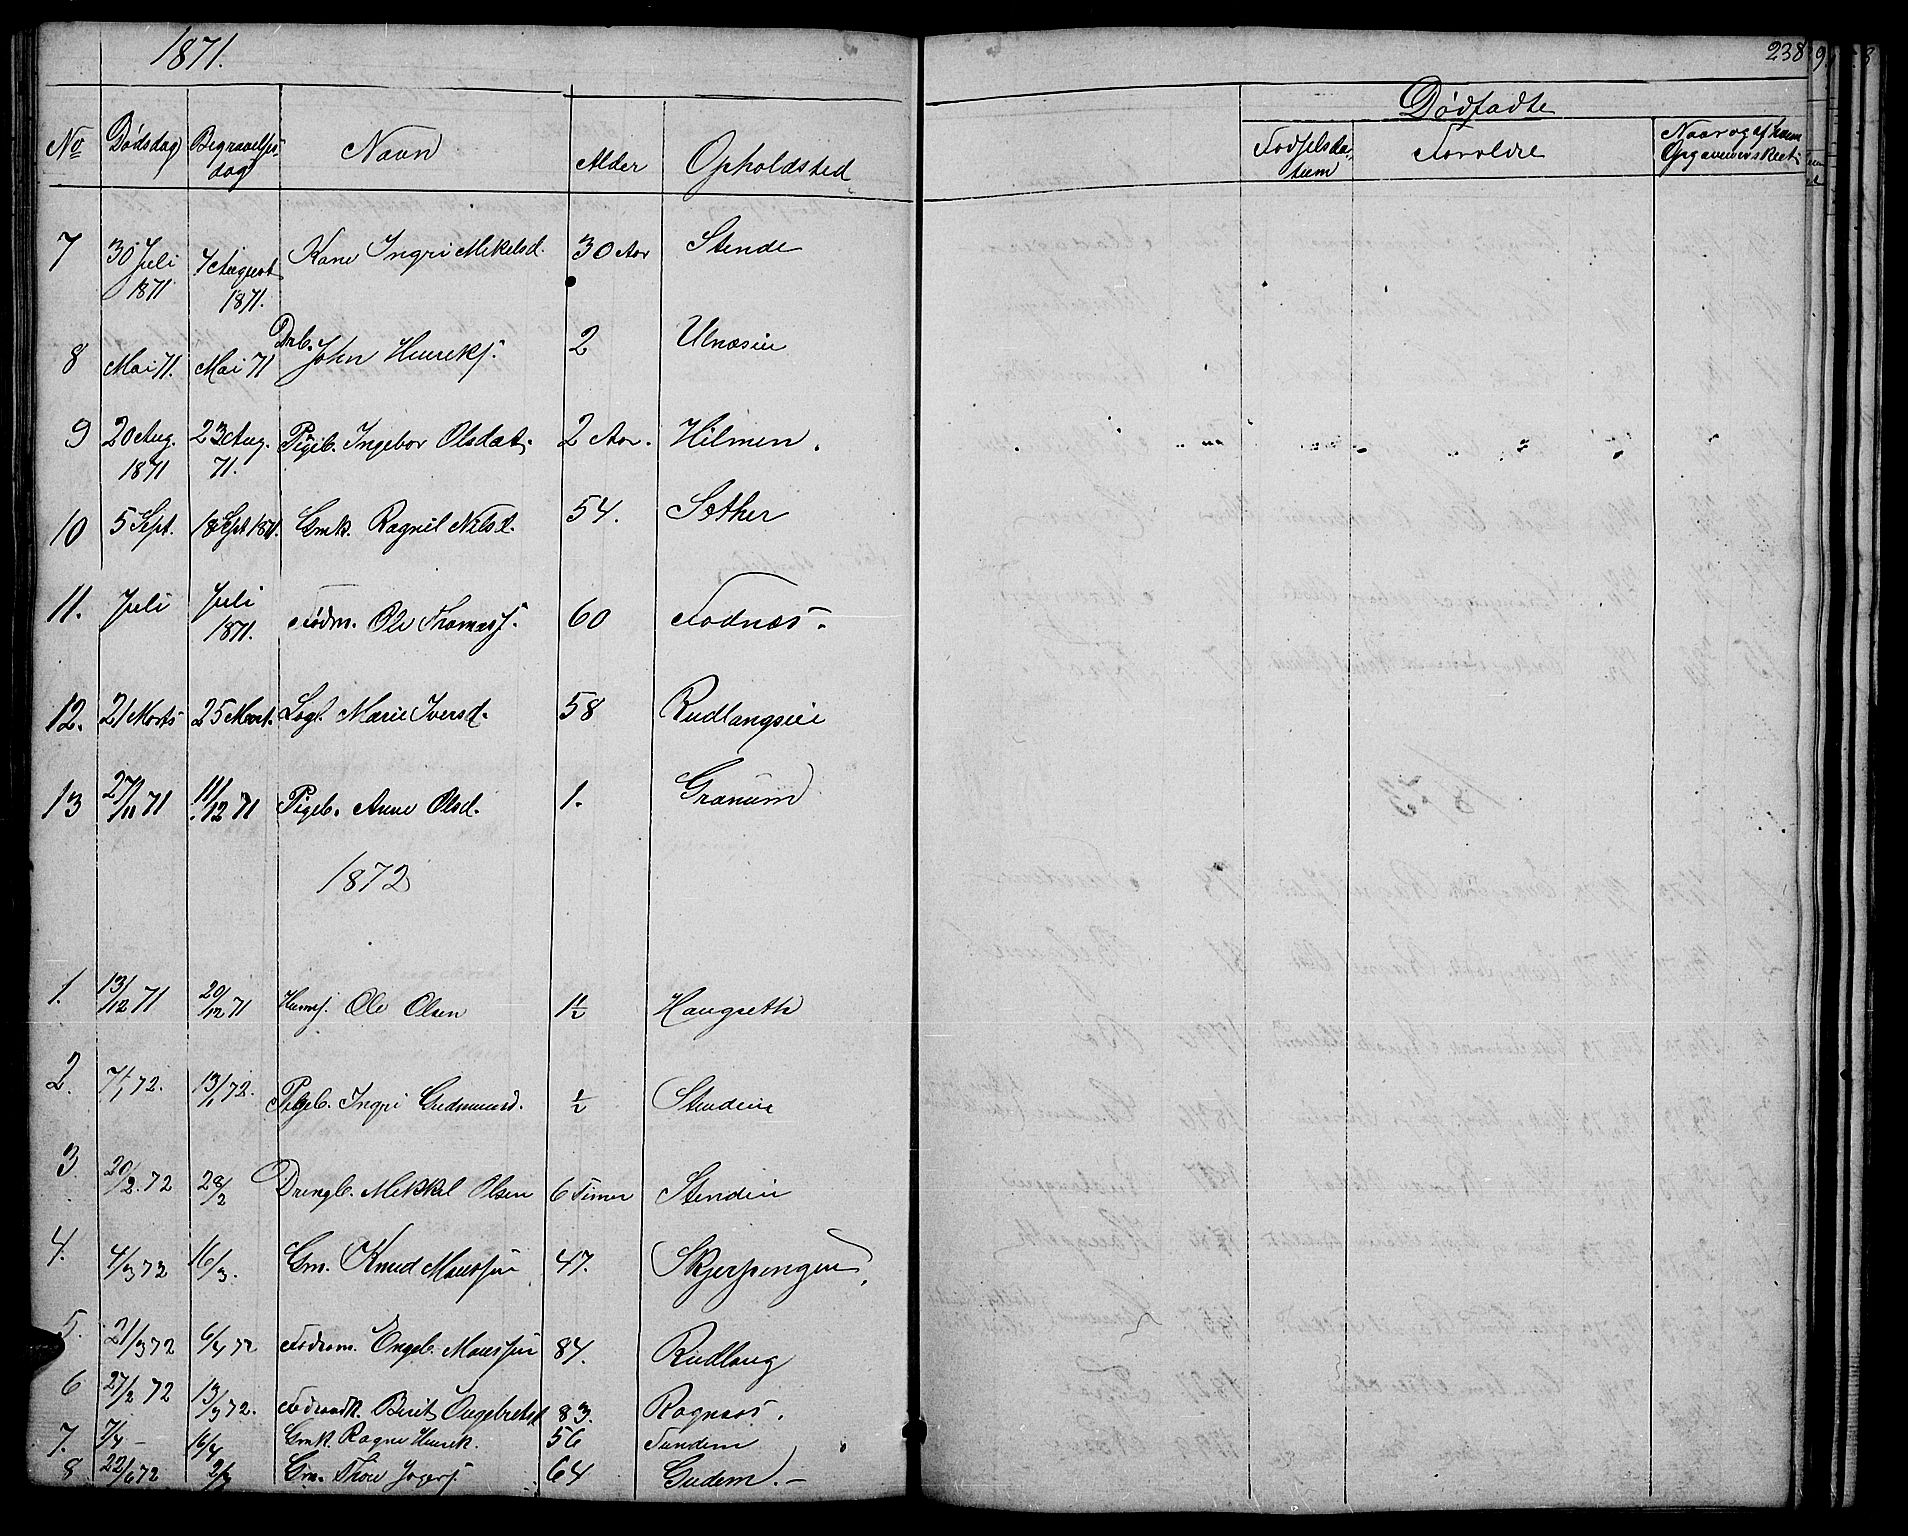 SAH, Nord-Aurdal prestekontor, Klokkerbok nr. 4, 1842-1882, s. 238